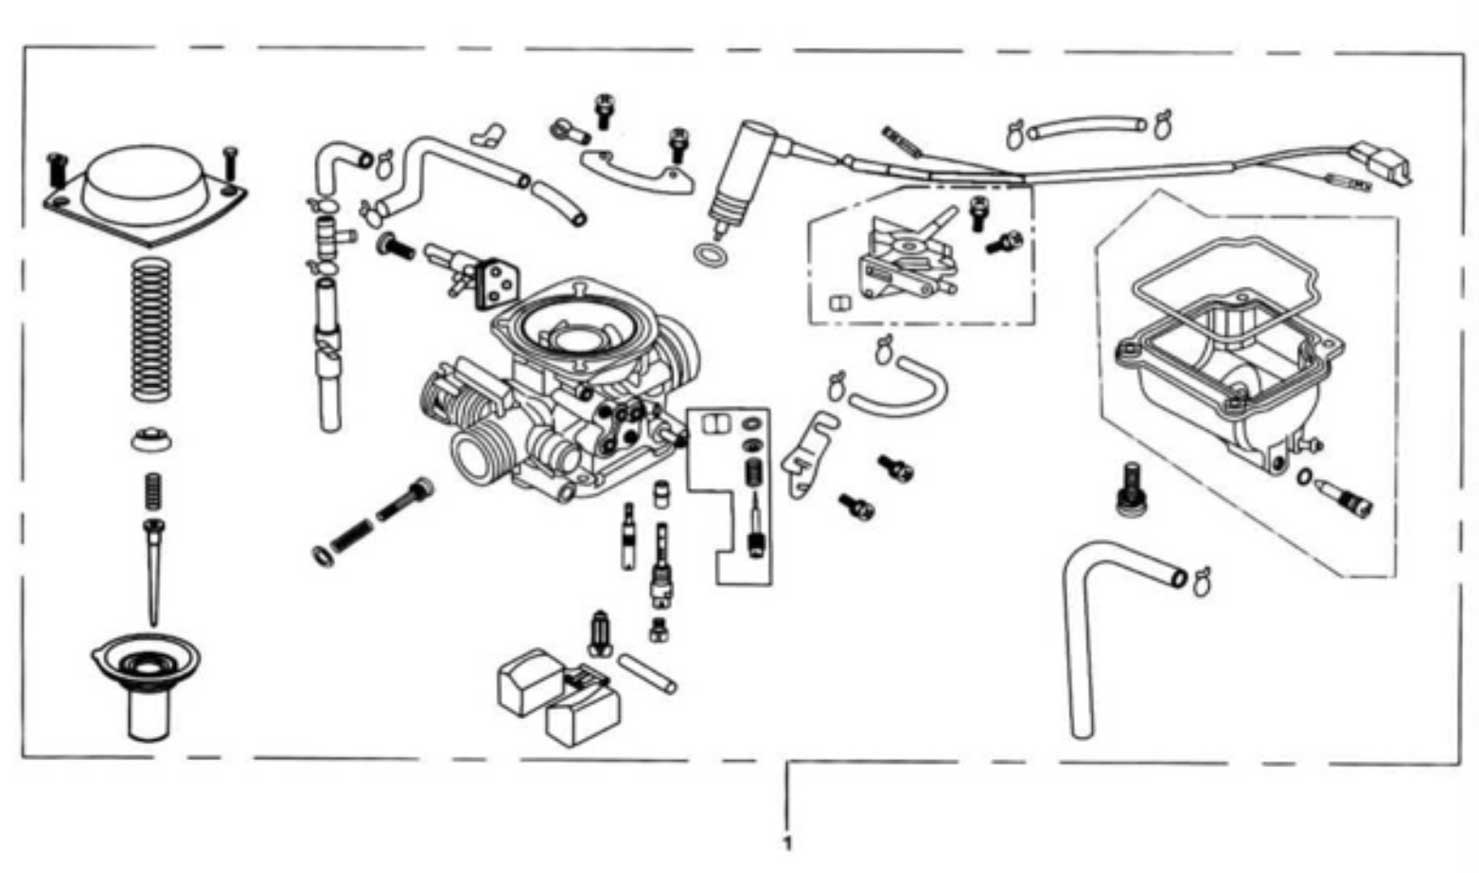 Hammerhead 150 Wiring Diagram | Wiring Diagram on